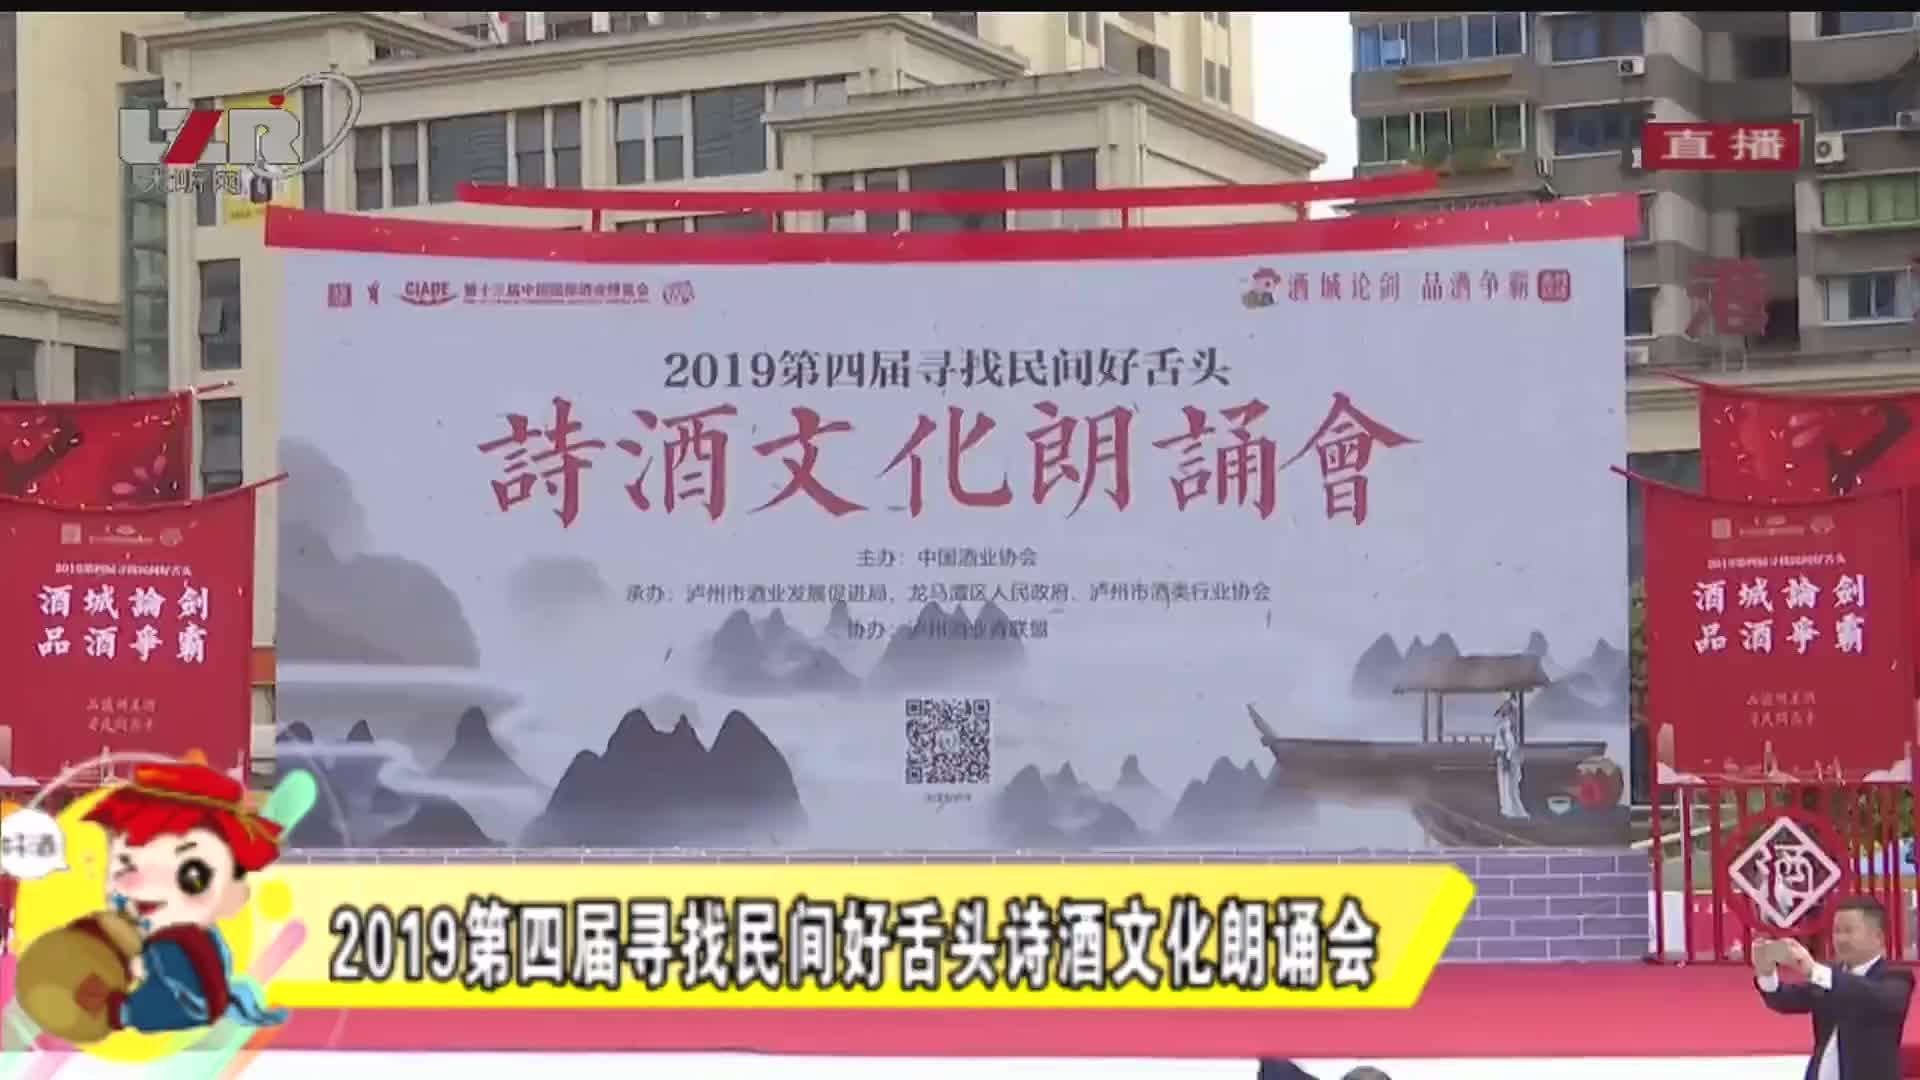 2019年第四届寻找民间好舌头诗酒文化朗诵会